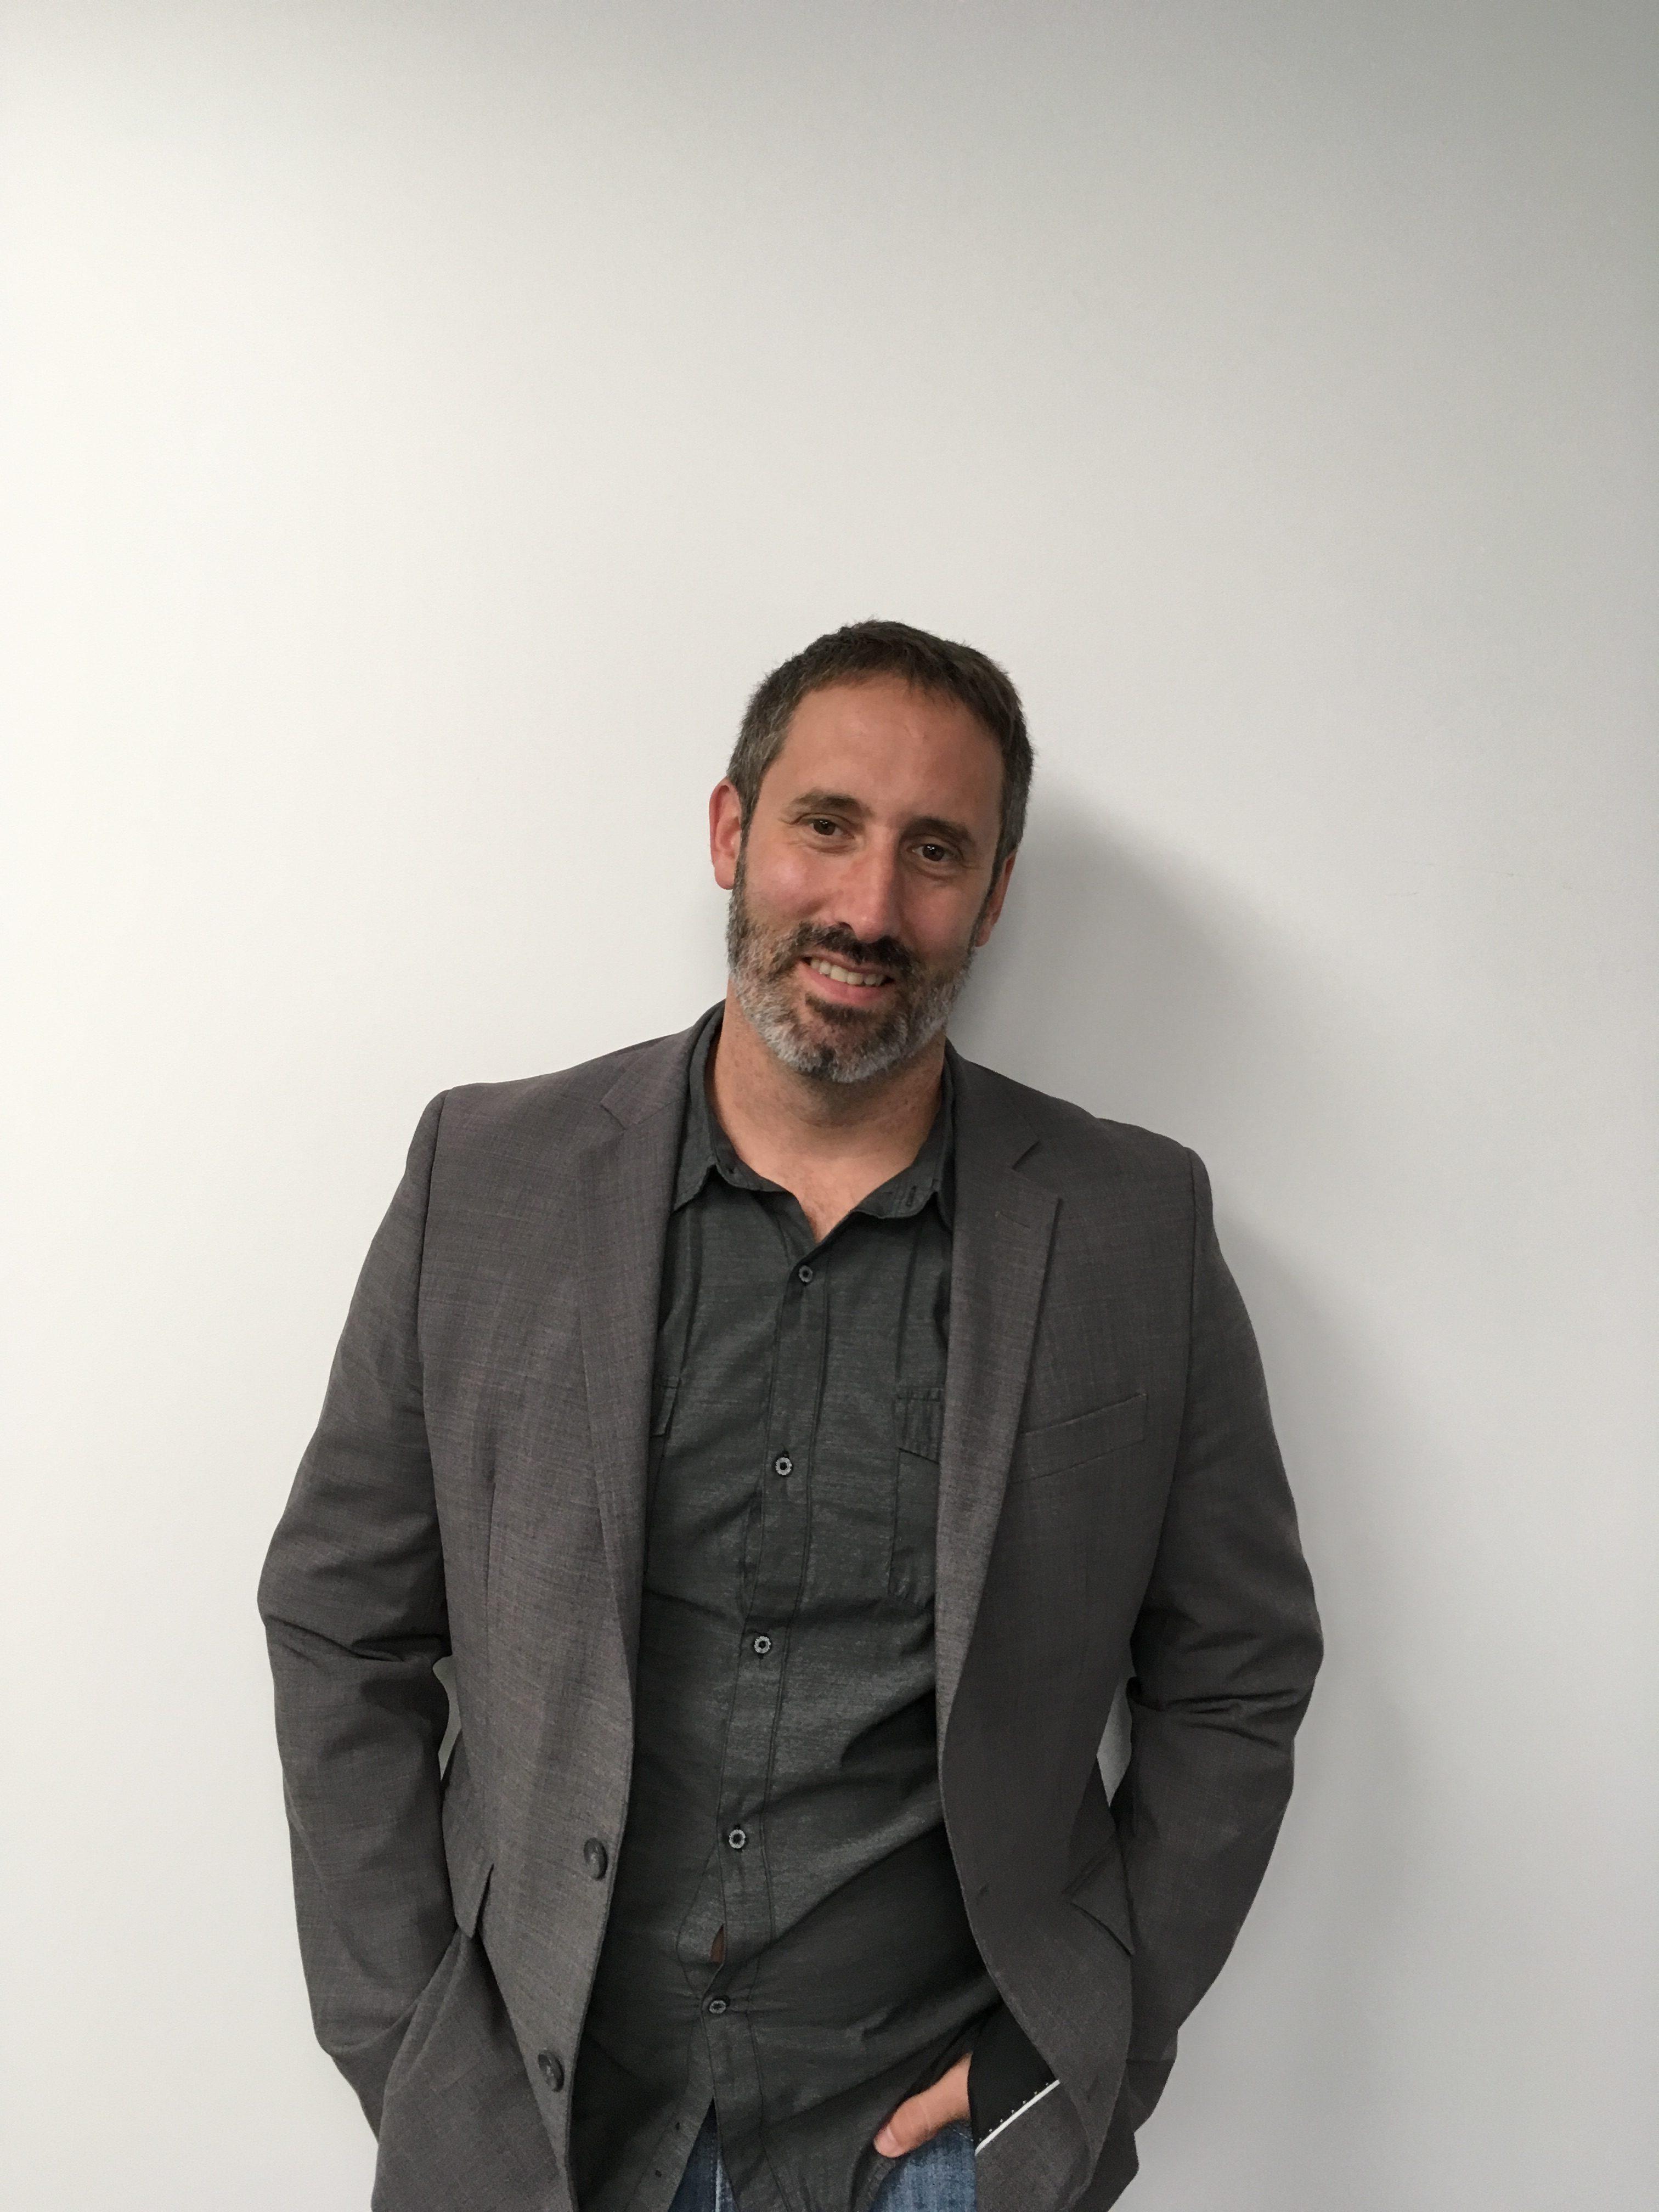 Martin Beausoleil